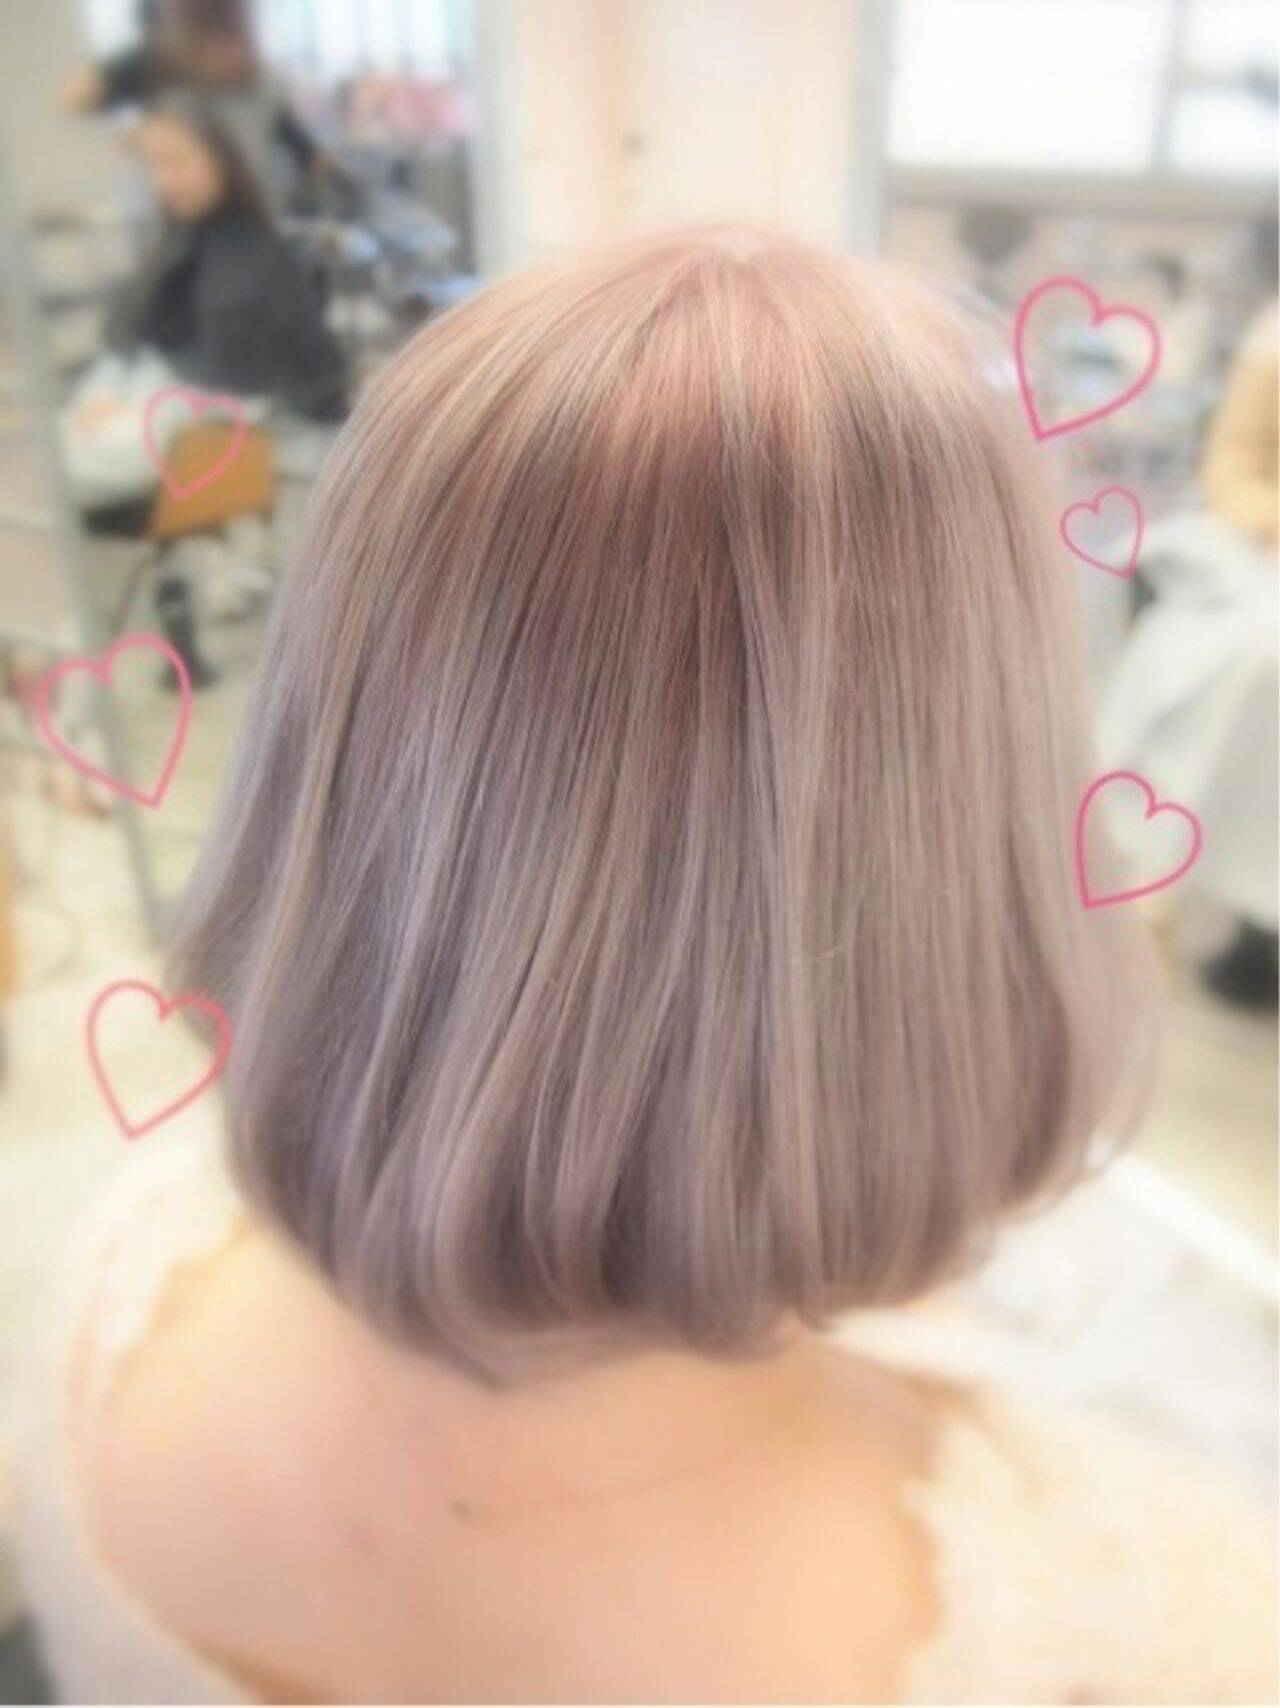 モード ガーリー ボブ ナチュラルヘアスタイルや髪型の写真・画像